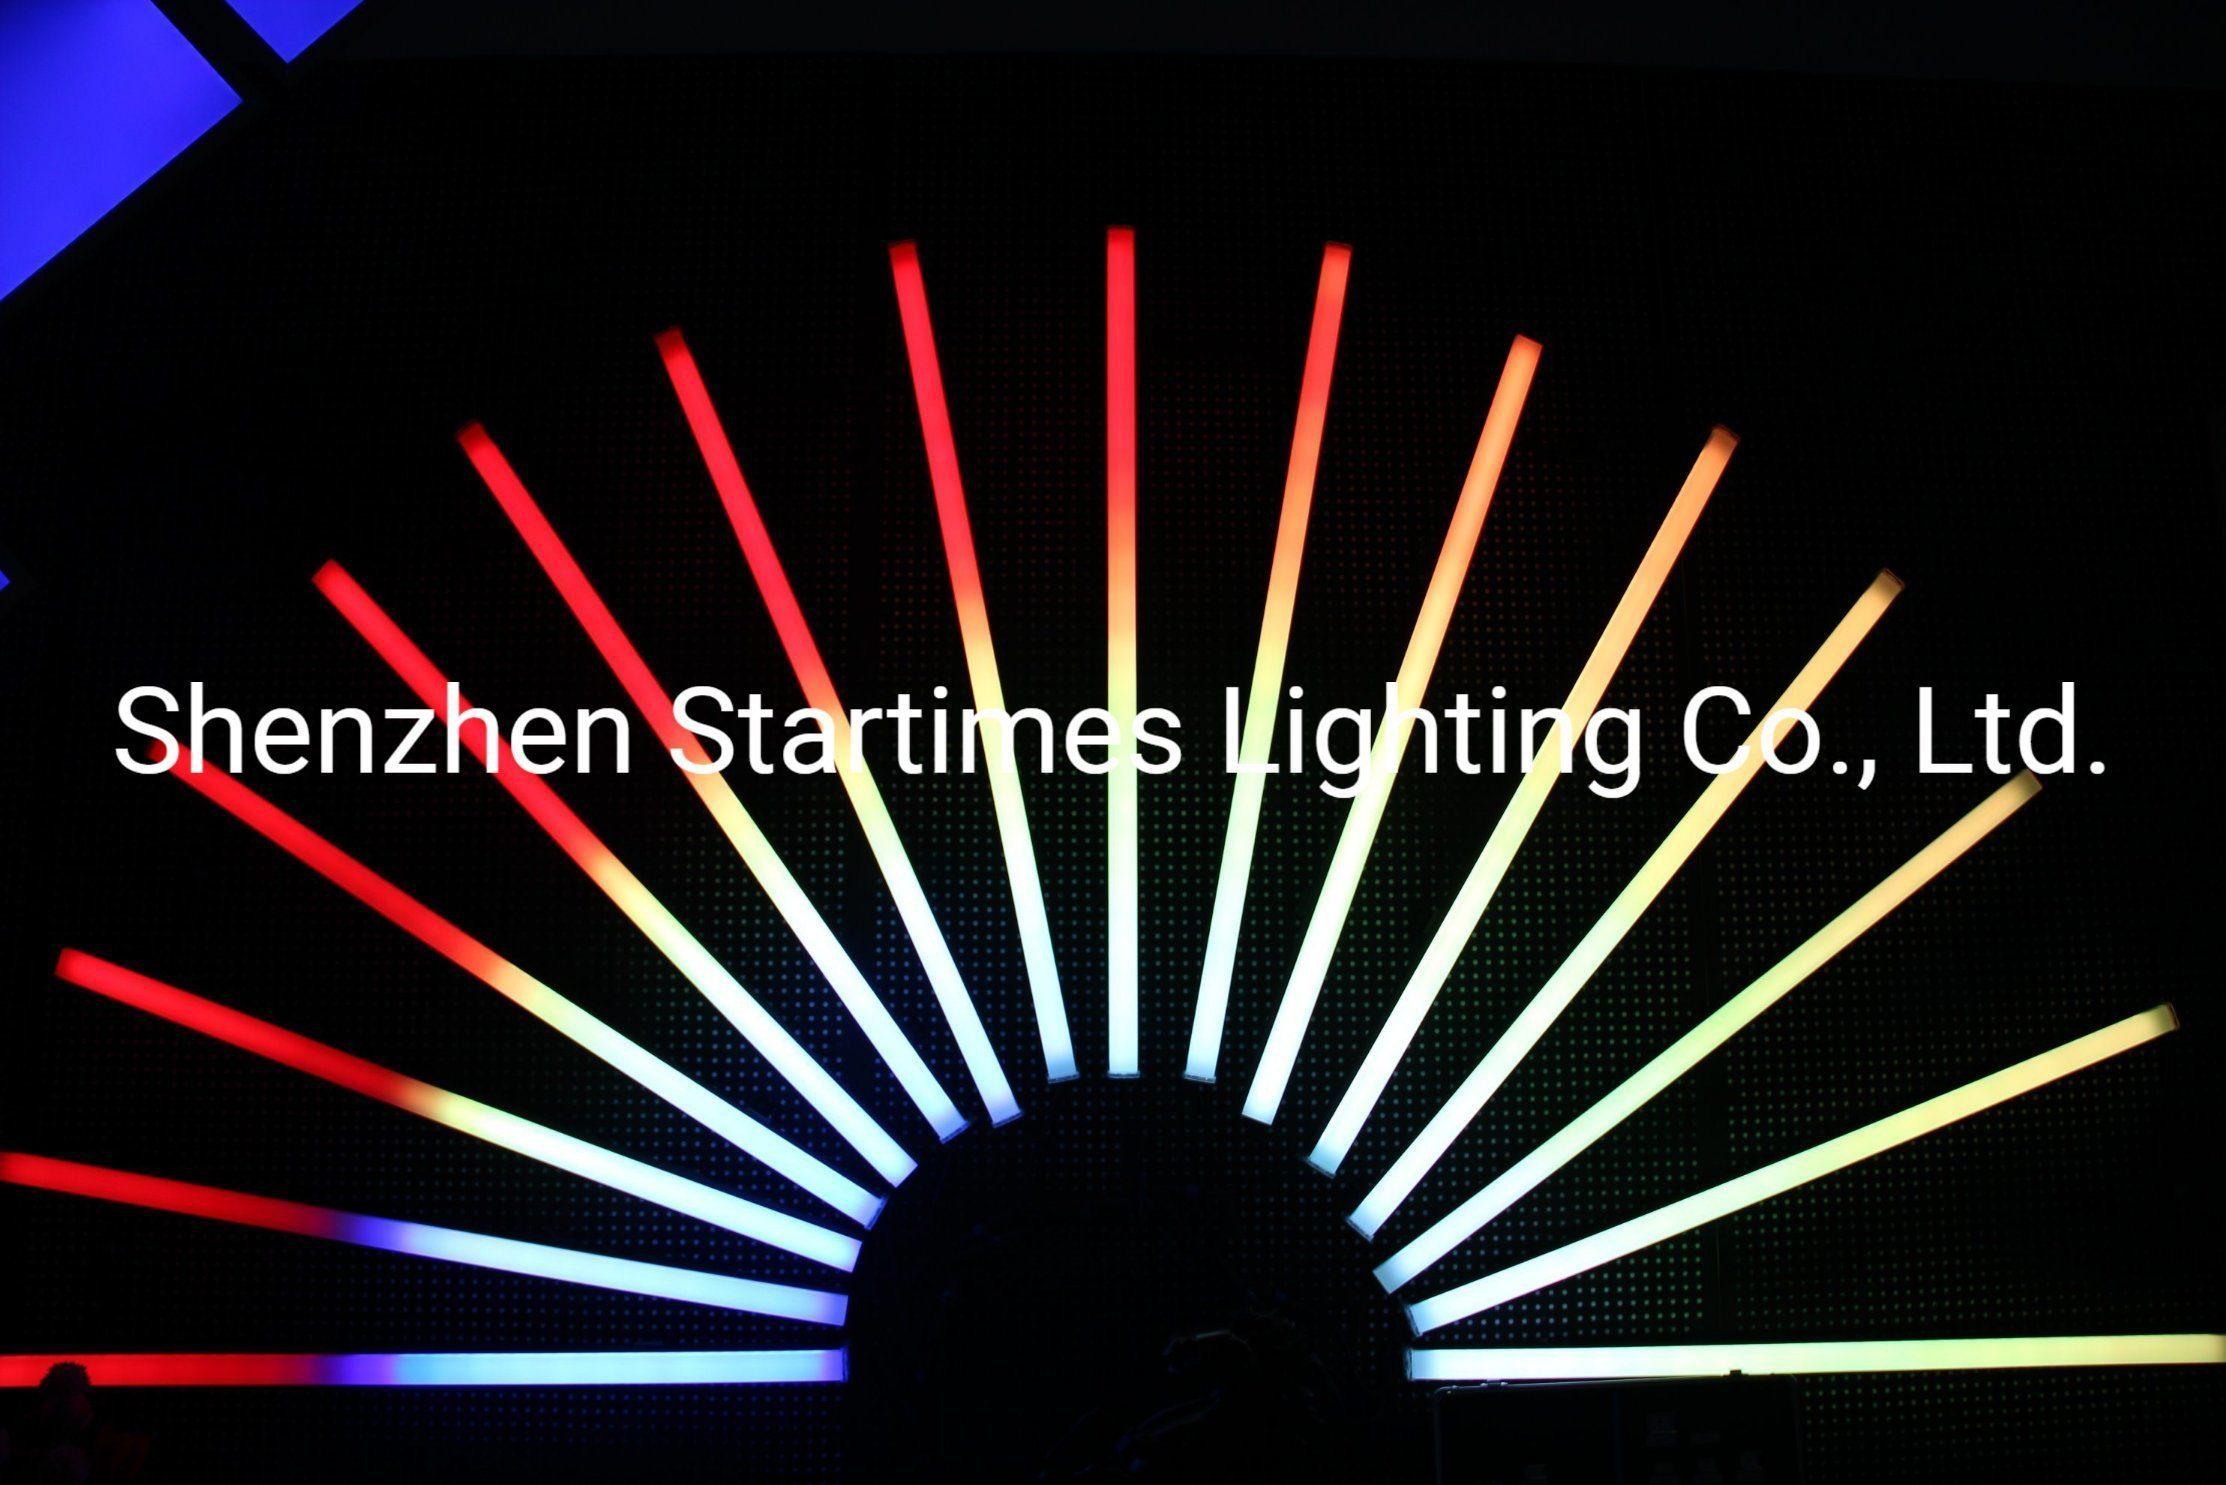 アドレス指定可能な線形棒RGB LED照明装飾ライトクリスマスの装飾の結婚式の装飾LEDライト5年の保証LEDピクセル管のMadrix